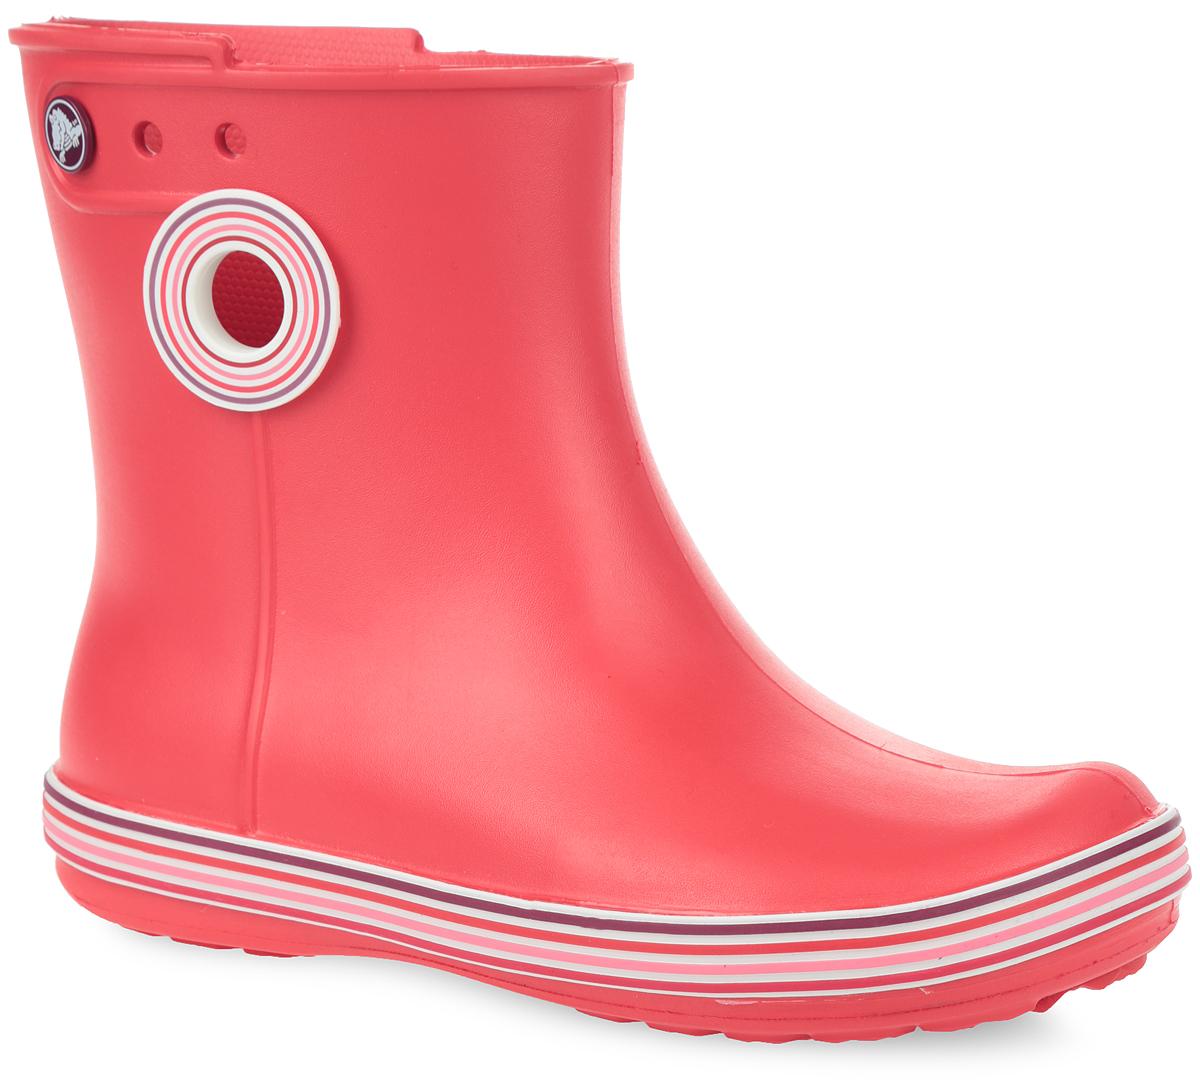 Сапоги резиновые женские Jaunt Stripes Shorty Boot. 202317